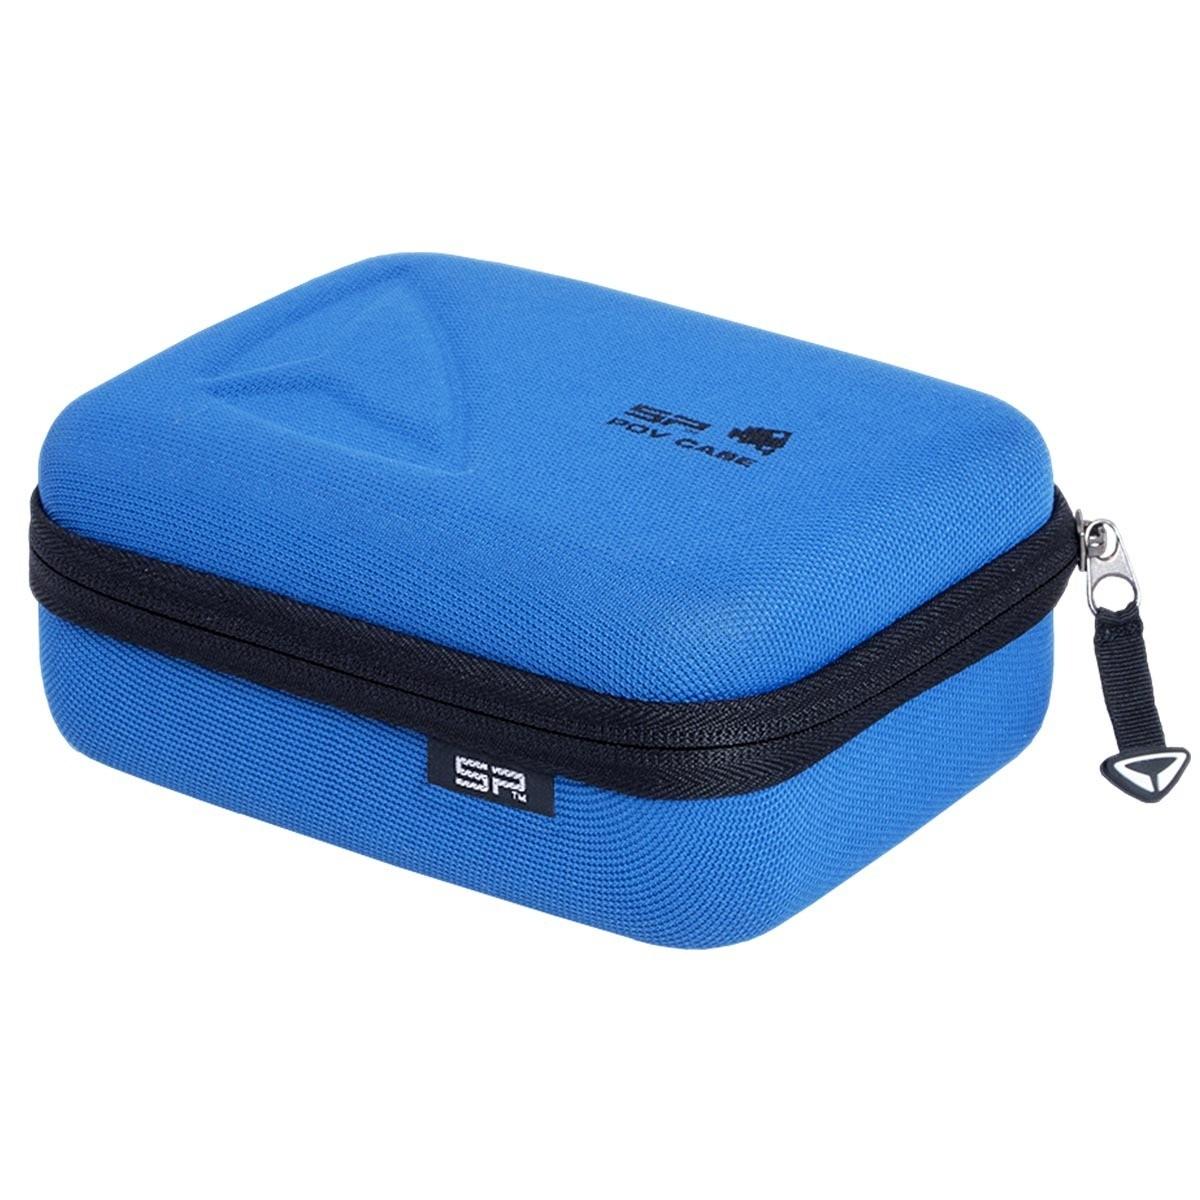 Кейс для камеры и аксессуаров SP-Gadgets SP POV Case XS GoPro-Edition 3.0 blue стоимость